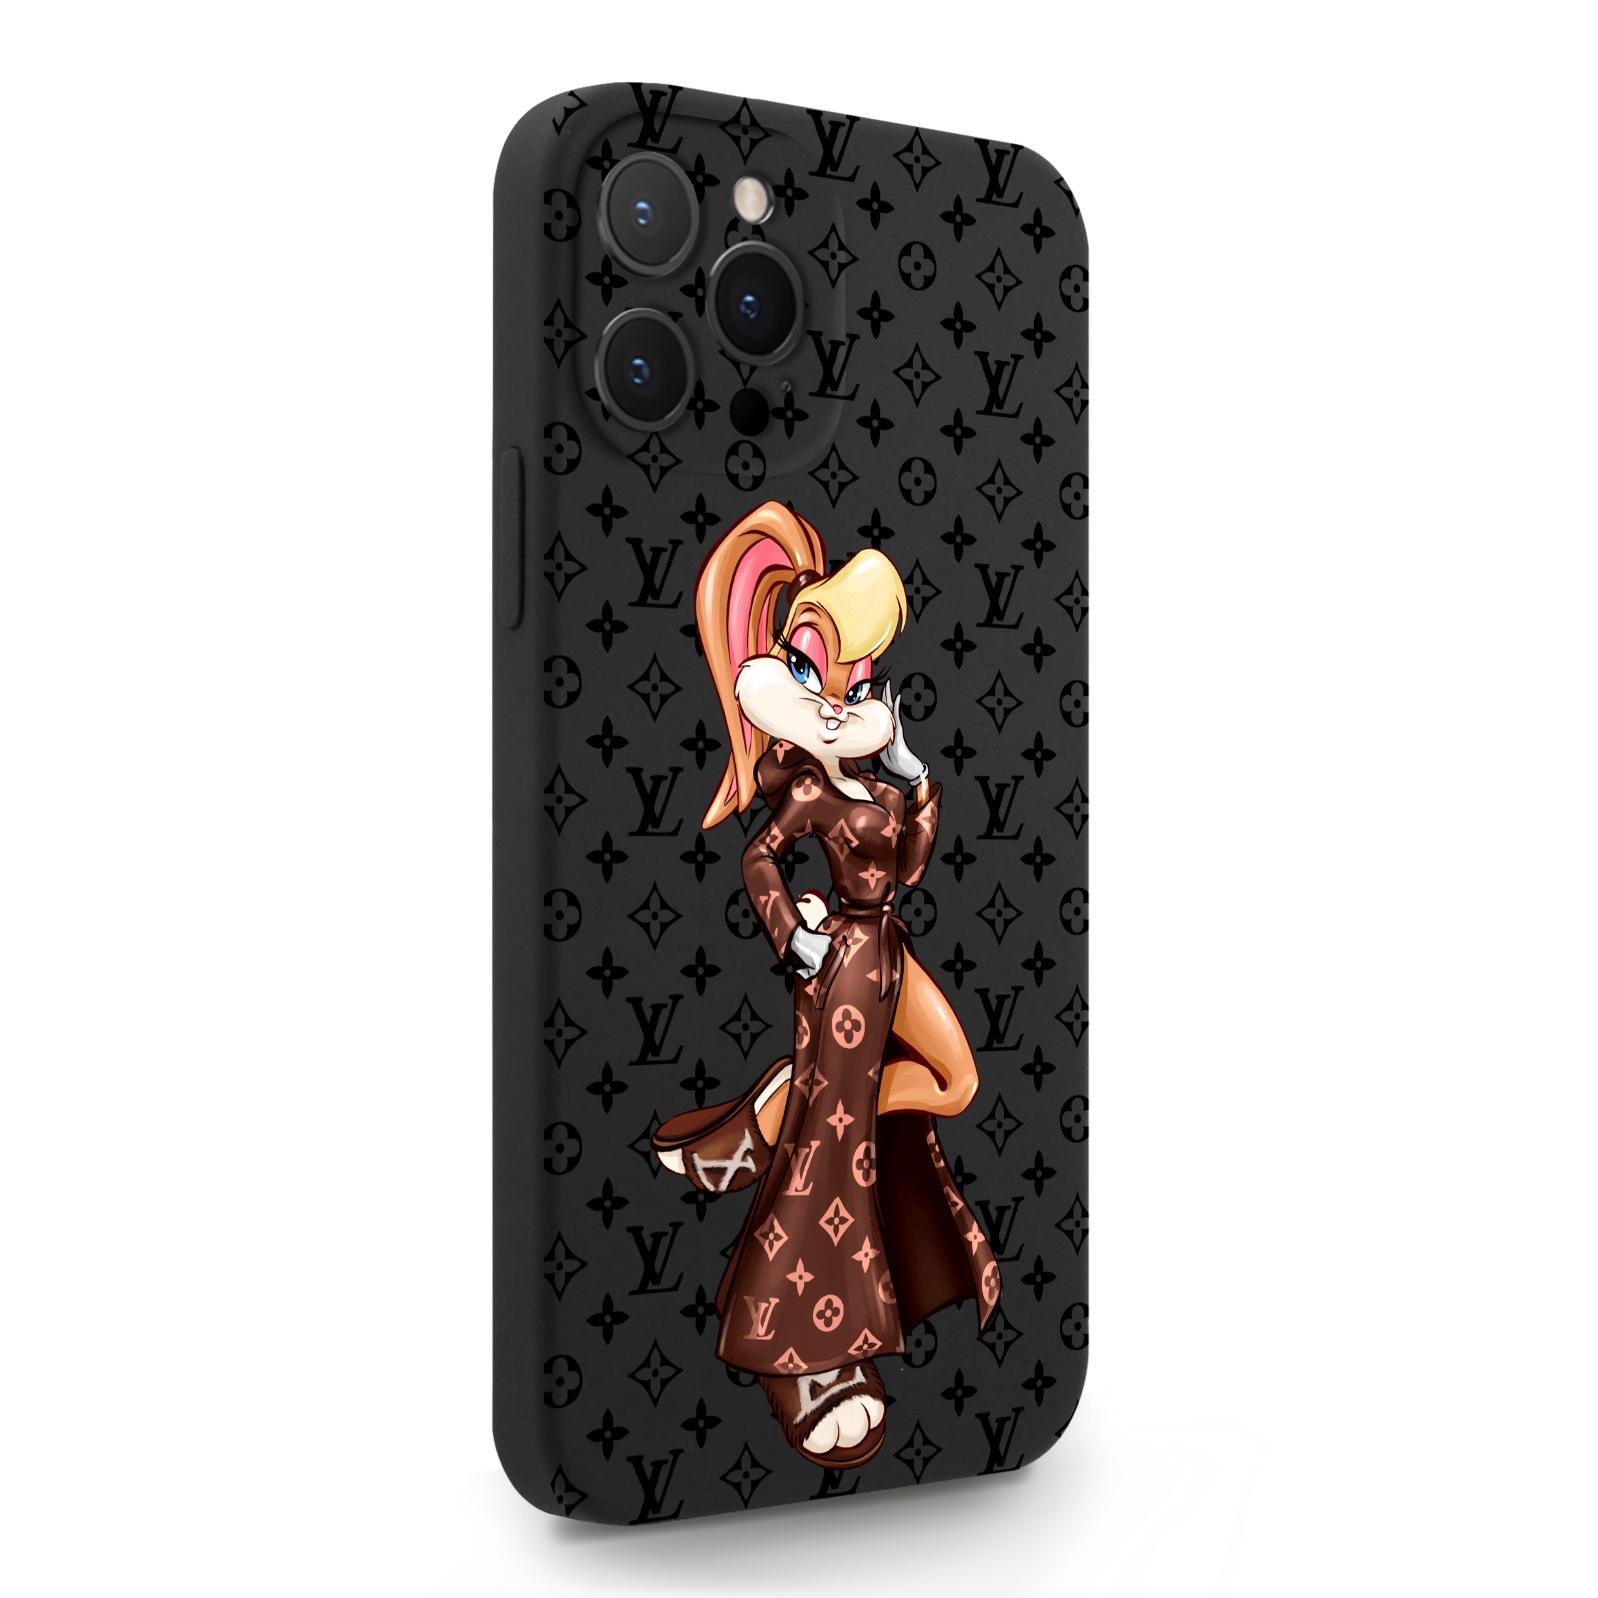 Черный силиконовый чехол для iPhone 12 Pro Max Миссис Богатая Зайка Релакс LV/ Mrs. Rich Bunny Relax LV для Айфон 12 Про Макс